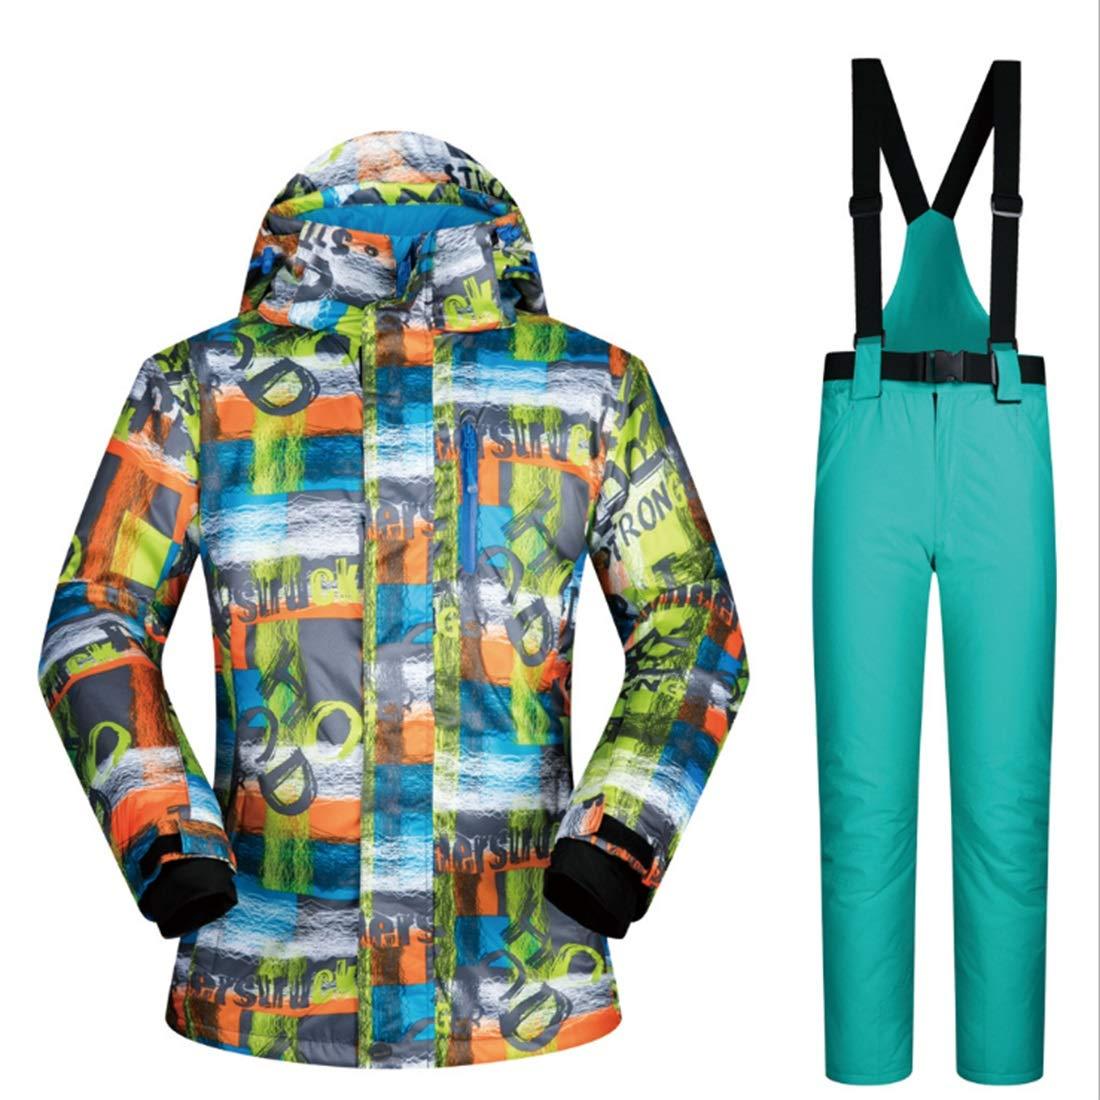 Yajiemei Giacca da da da Sci Invernale e Pantaloni Outdoor Sport Suit da Neve Antivento e Impermeabile (Coloree   04, Dimensione   M)B07LGYZCS8XXL 06 | Il Più Economico  | Fashionable  | Reputazione a lungo termine  | I Materiali Superiori  | una vasta gamm 7de5ec